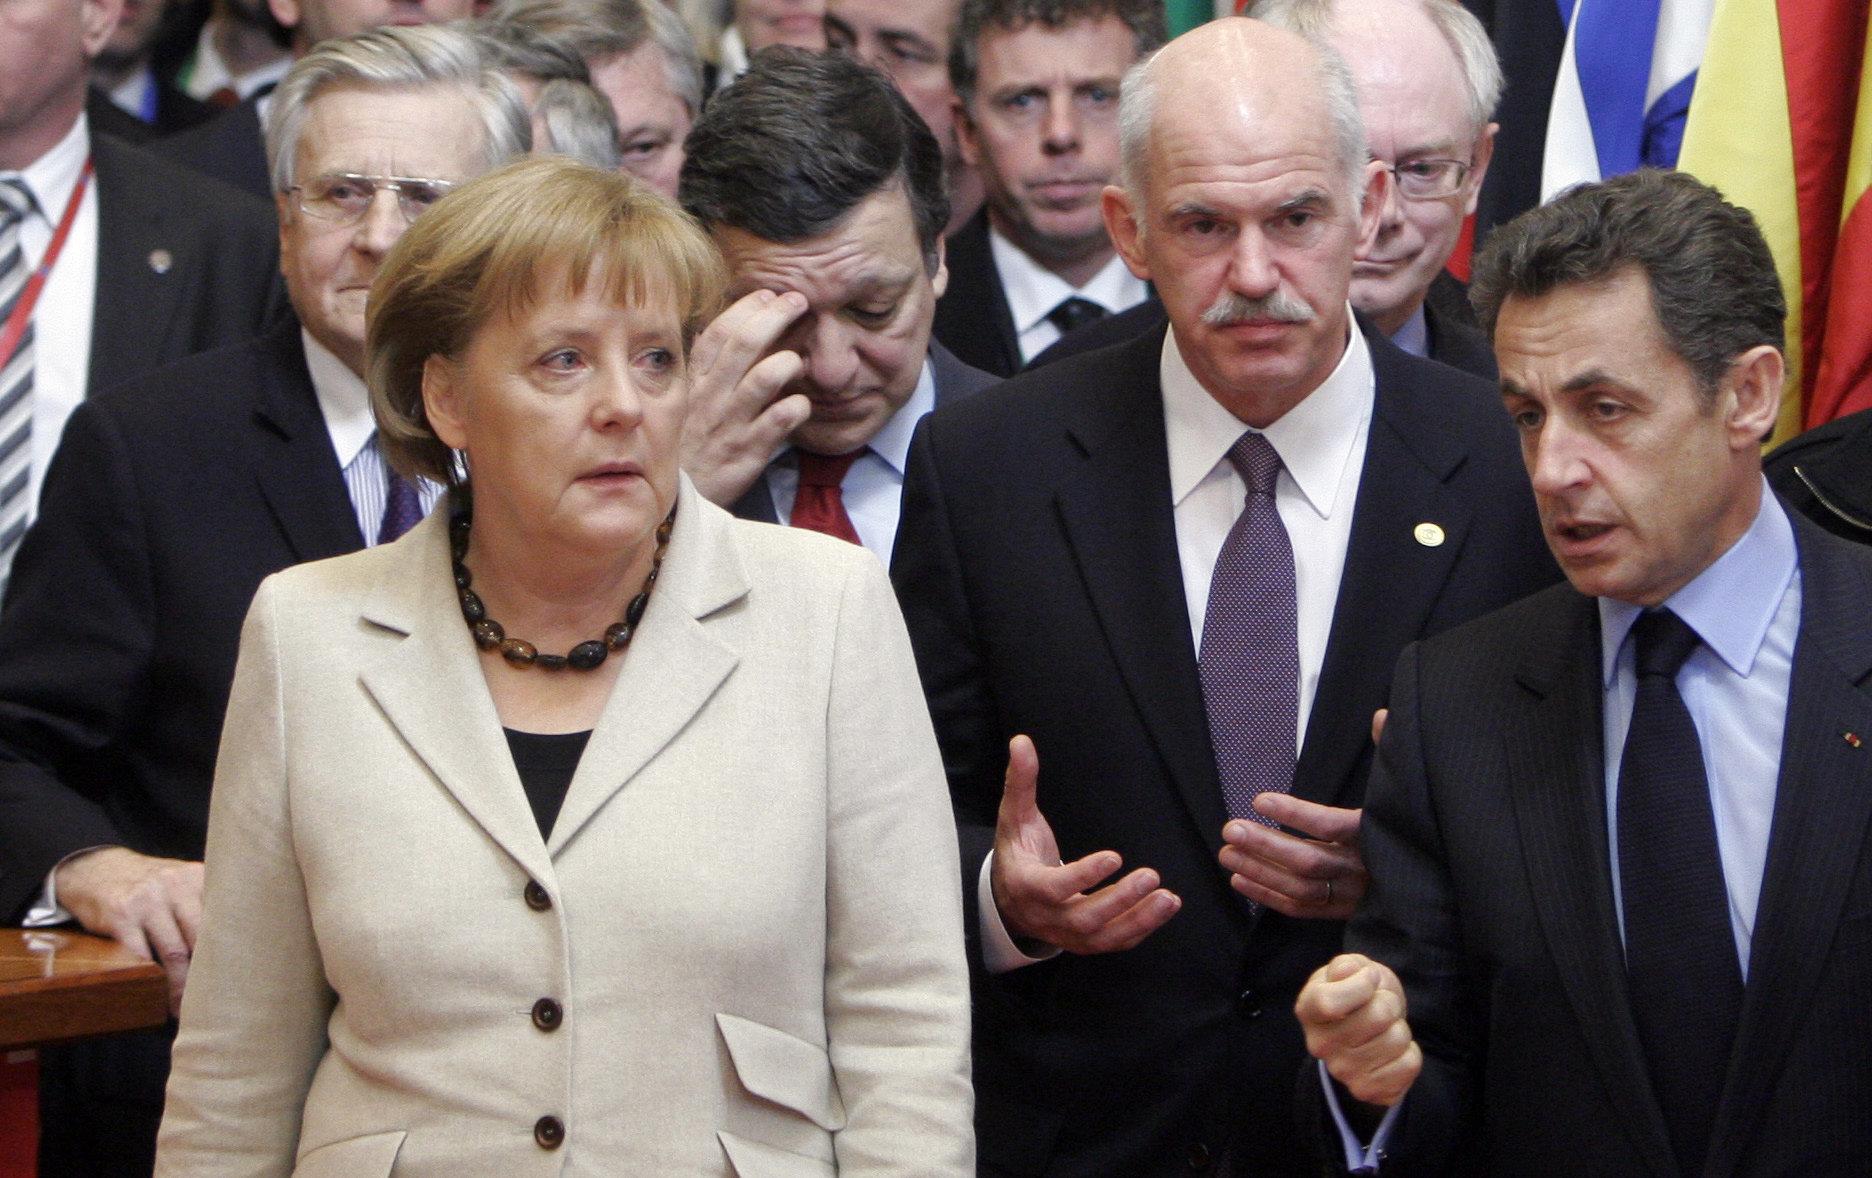 Ο Γιώργος Παπανδρέου μετανιώνει για το δημοψήφισμα που δεν έκανε: «Δεν κρινόταν η παραμονή στο